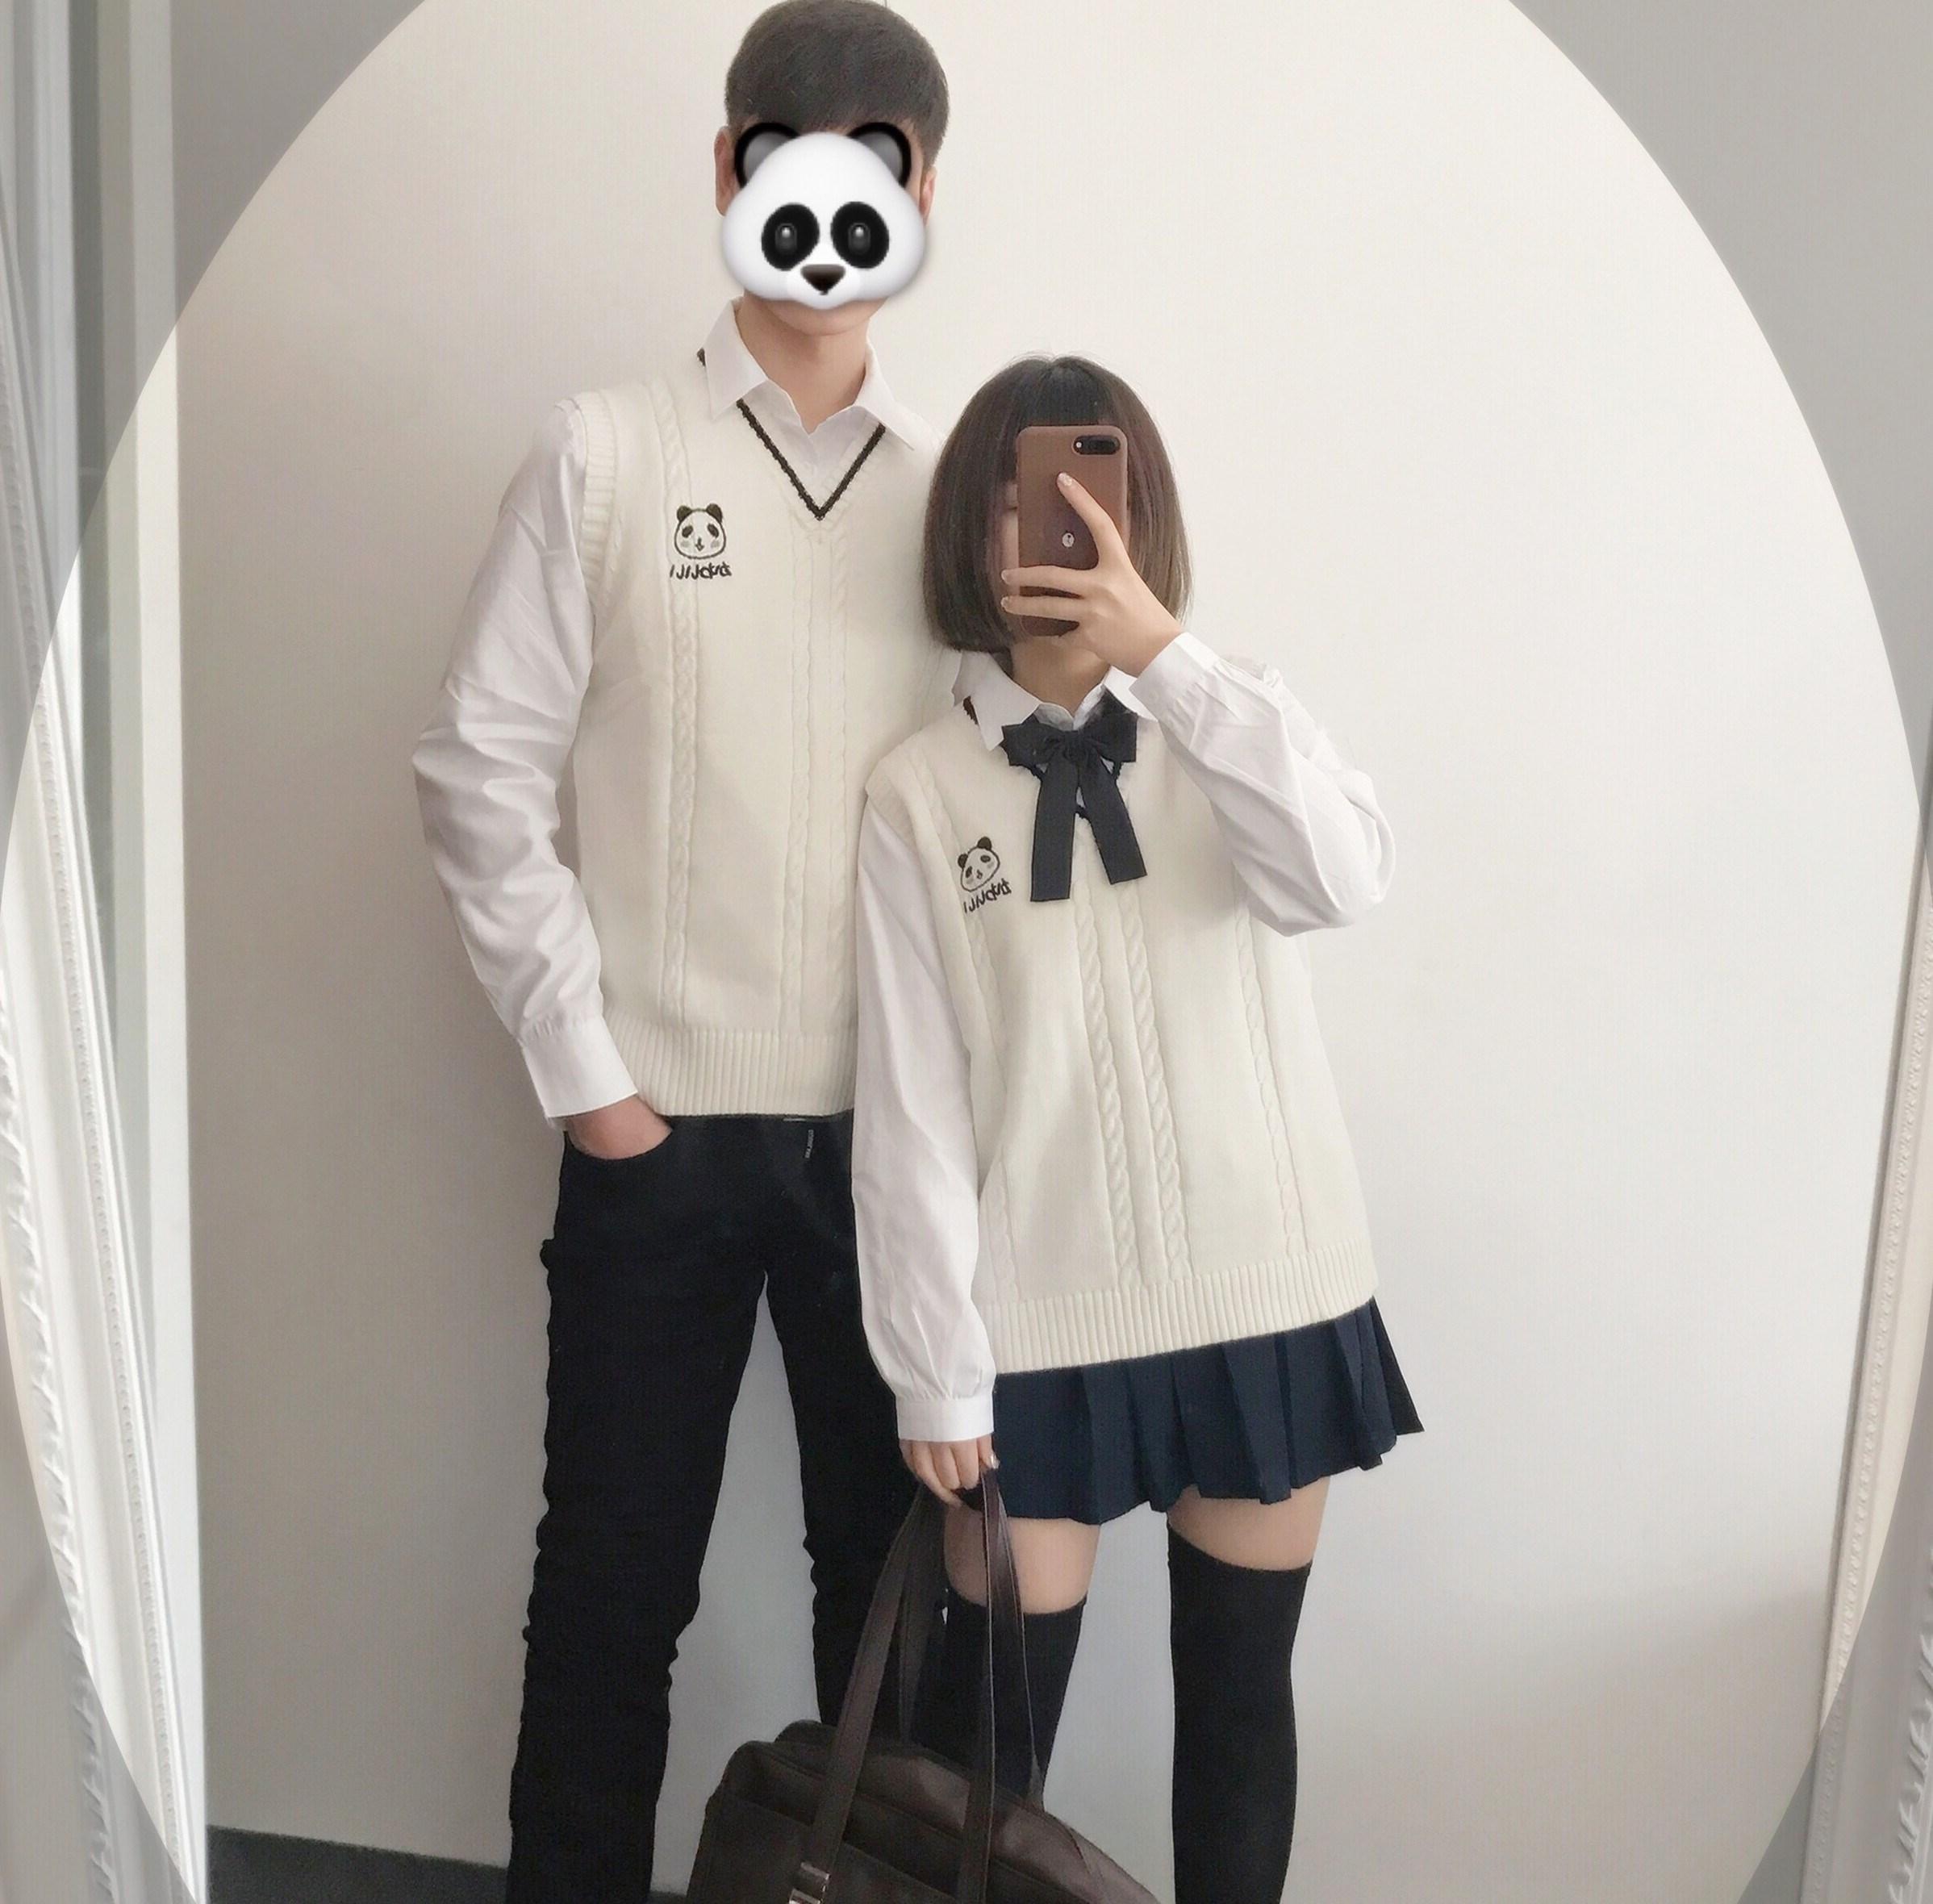 热卖日系软妹套装小熊刺绣jk制服情侣装毛衣男女学院风长袖套头针织衫图片